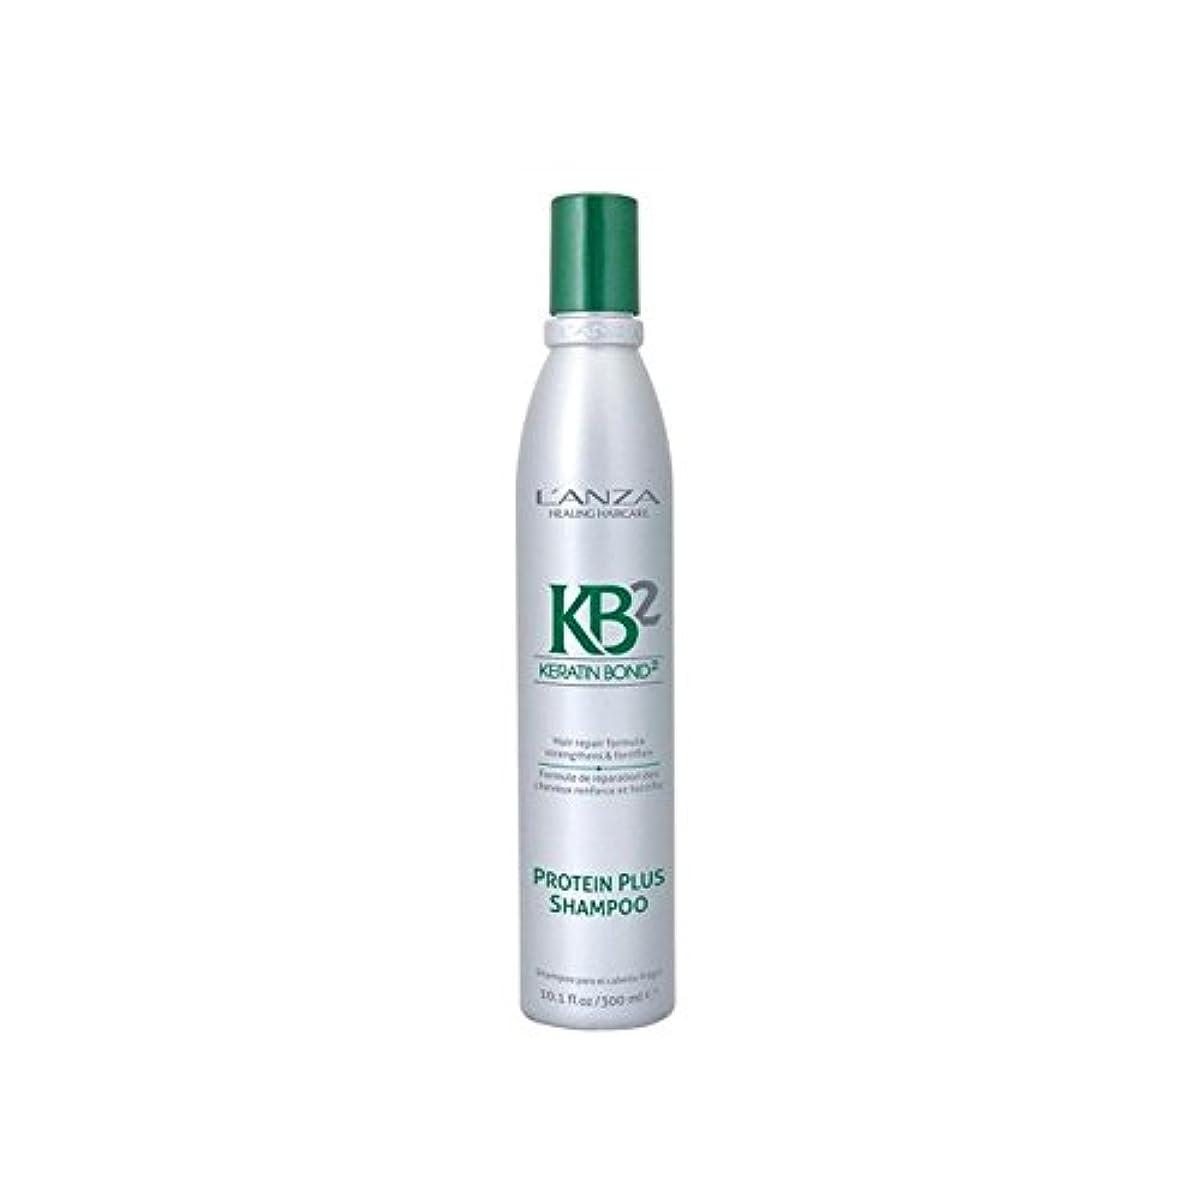 伝統的見習い十分ですL'Anza Kb2 Protein Plus Shampoo (300ml) - アンザ2タンパク質プラスシャンプー(300ミリリットル) [並行輸入品]